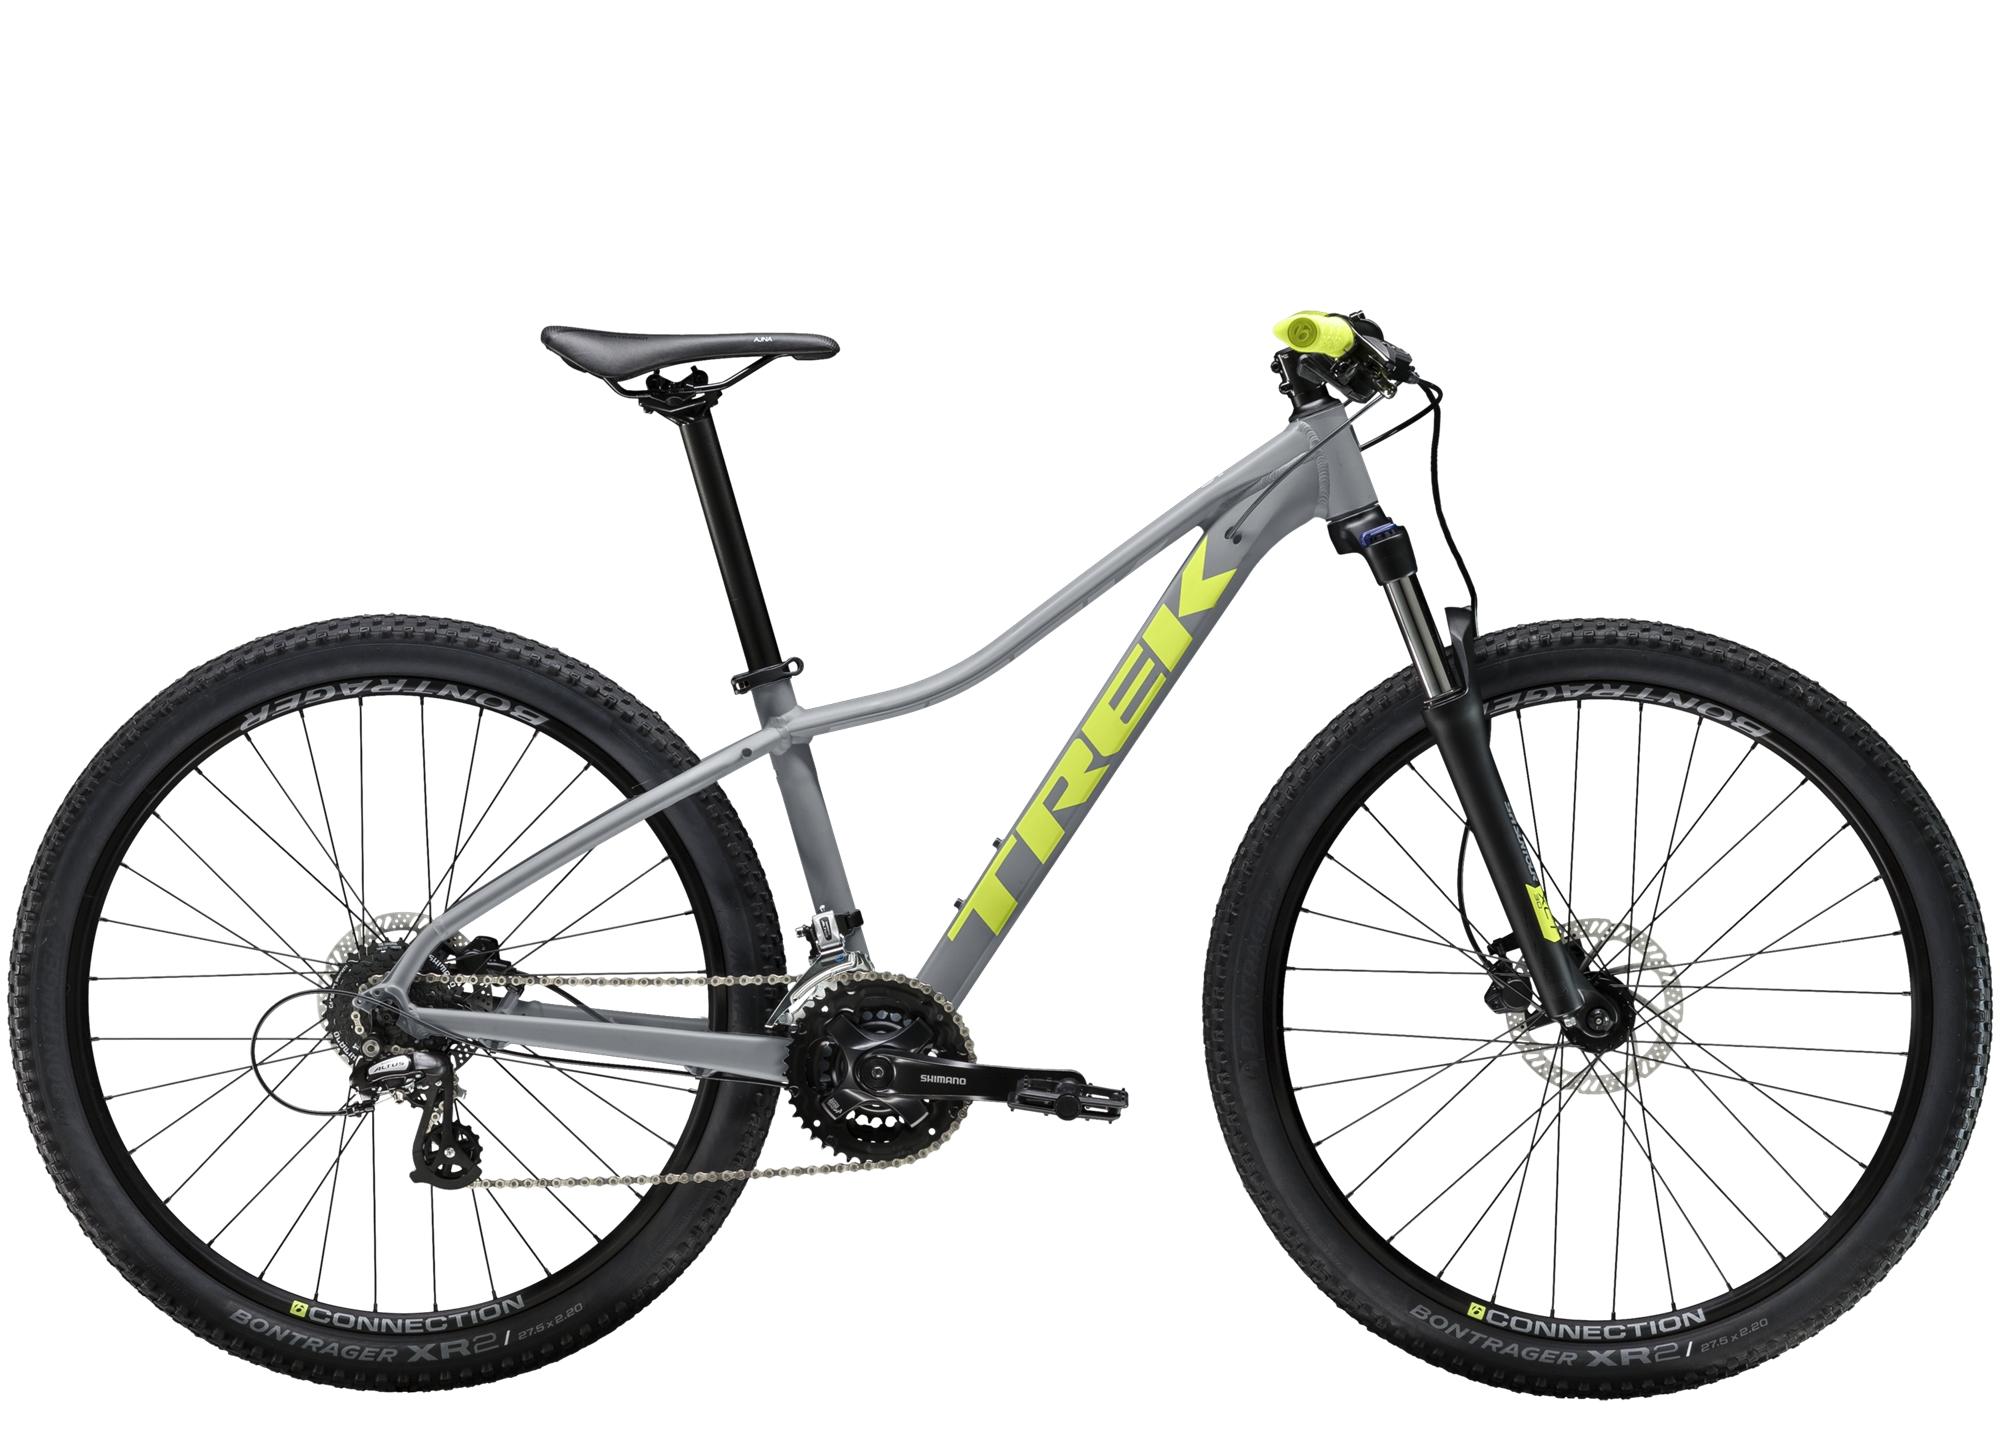 1d3ddb937c6 2019 Trek Marlin 6 Womens Hardtail Mountain Bike in Matte Slate £475.00